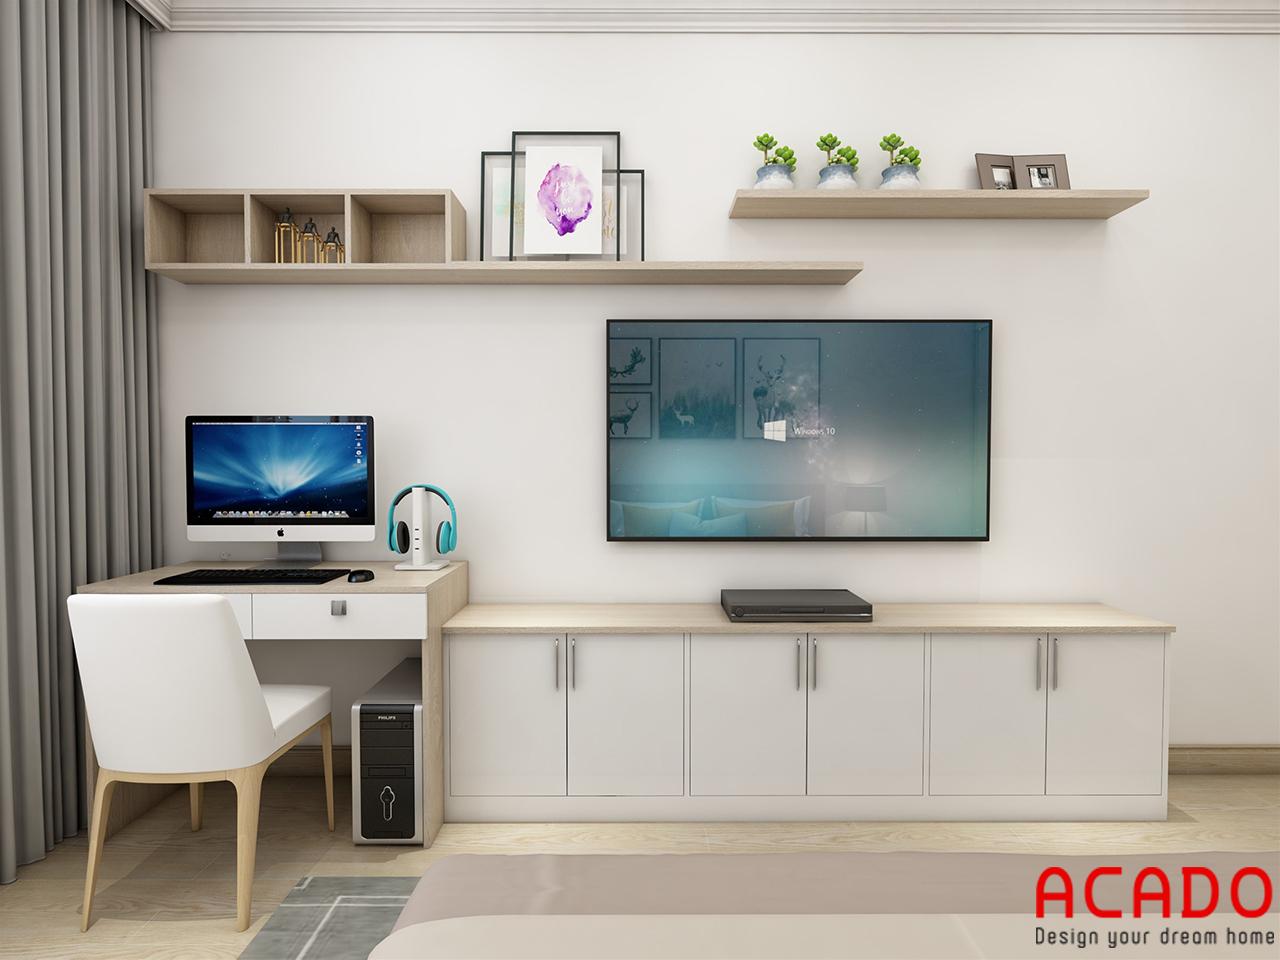 Bố trí kệ tivi và bàn làm việc trong phòng ngủ